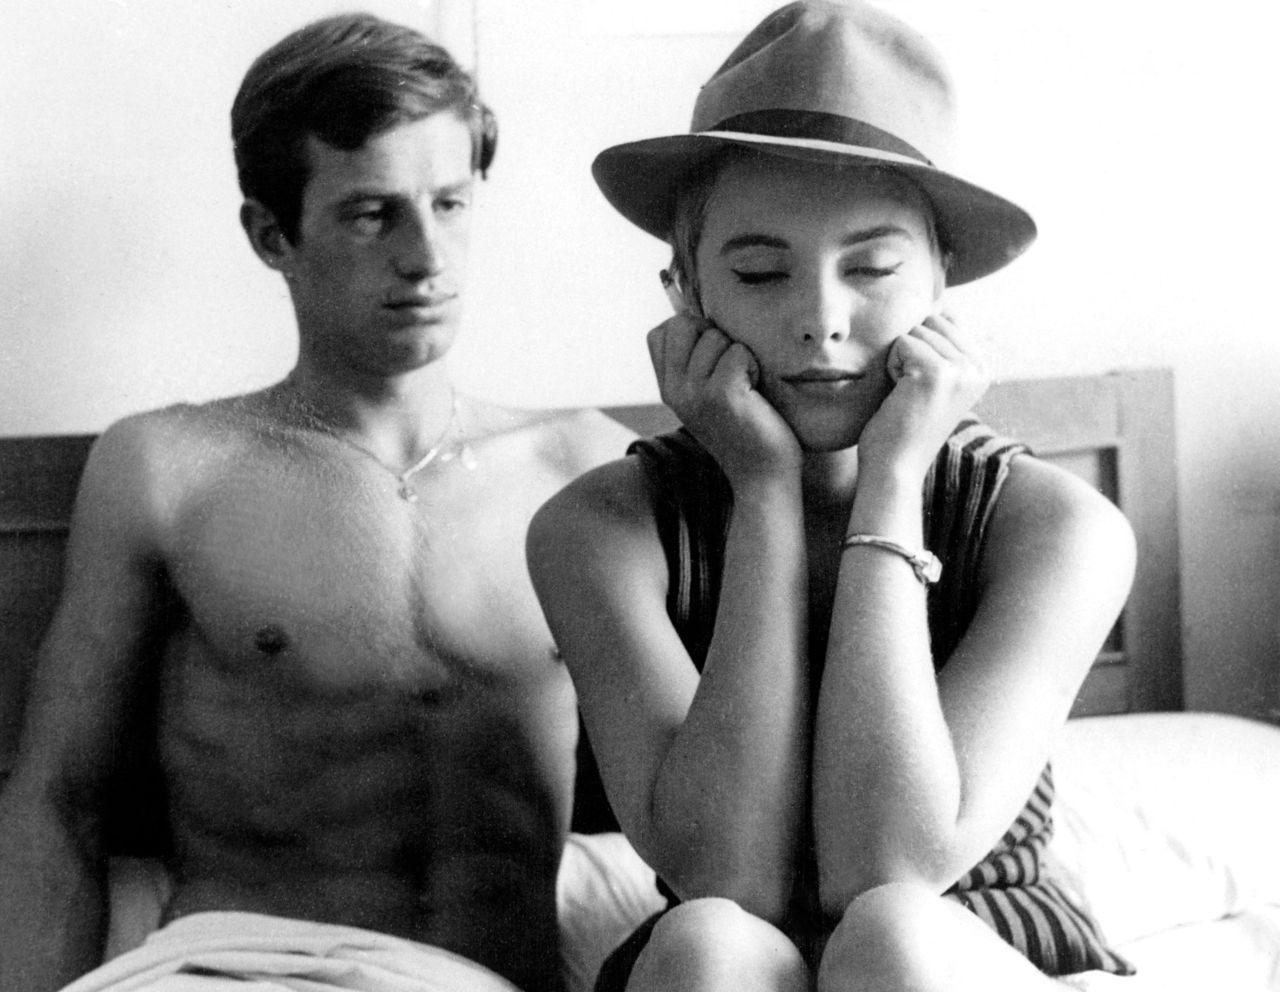 'Fino all'ultimo respiro': il noir revisionista di Jean Luc Godard a 60 anni dalla sua uscita